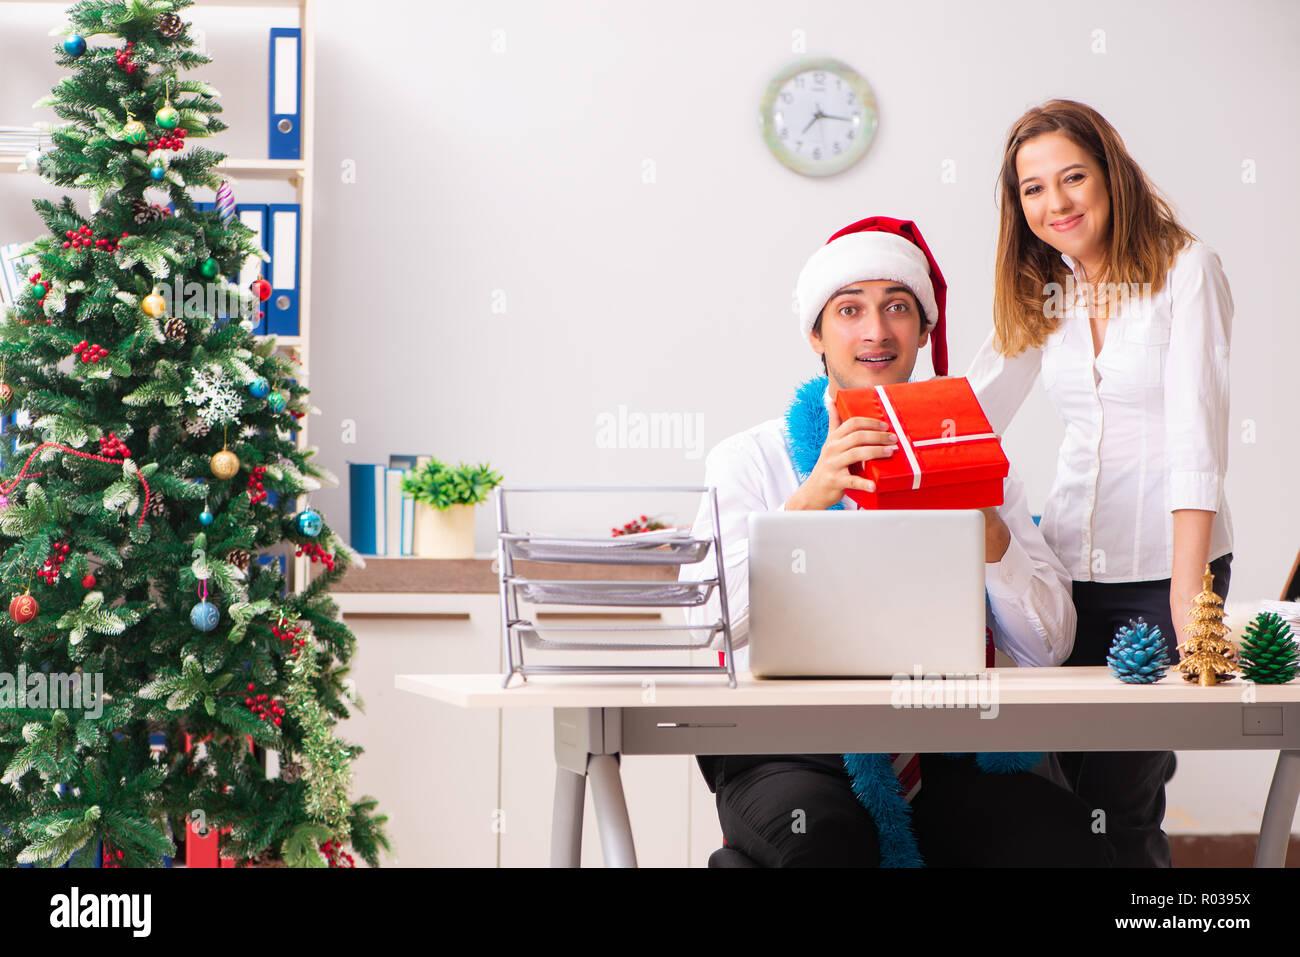 Regali Di Natale Per Colleghi.I Colleghi Exchaing Regali Di Natale In Ufficio Foto Immagine